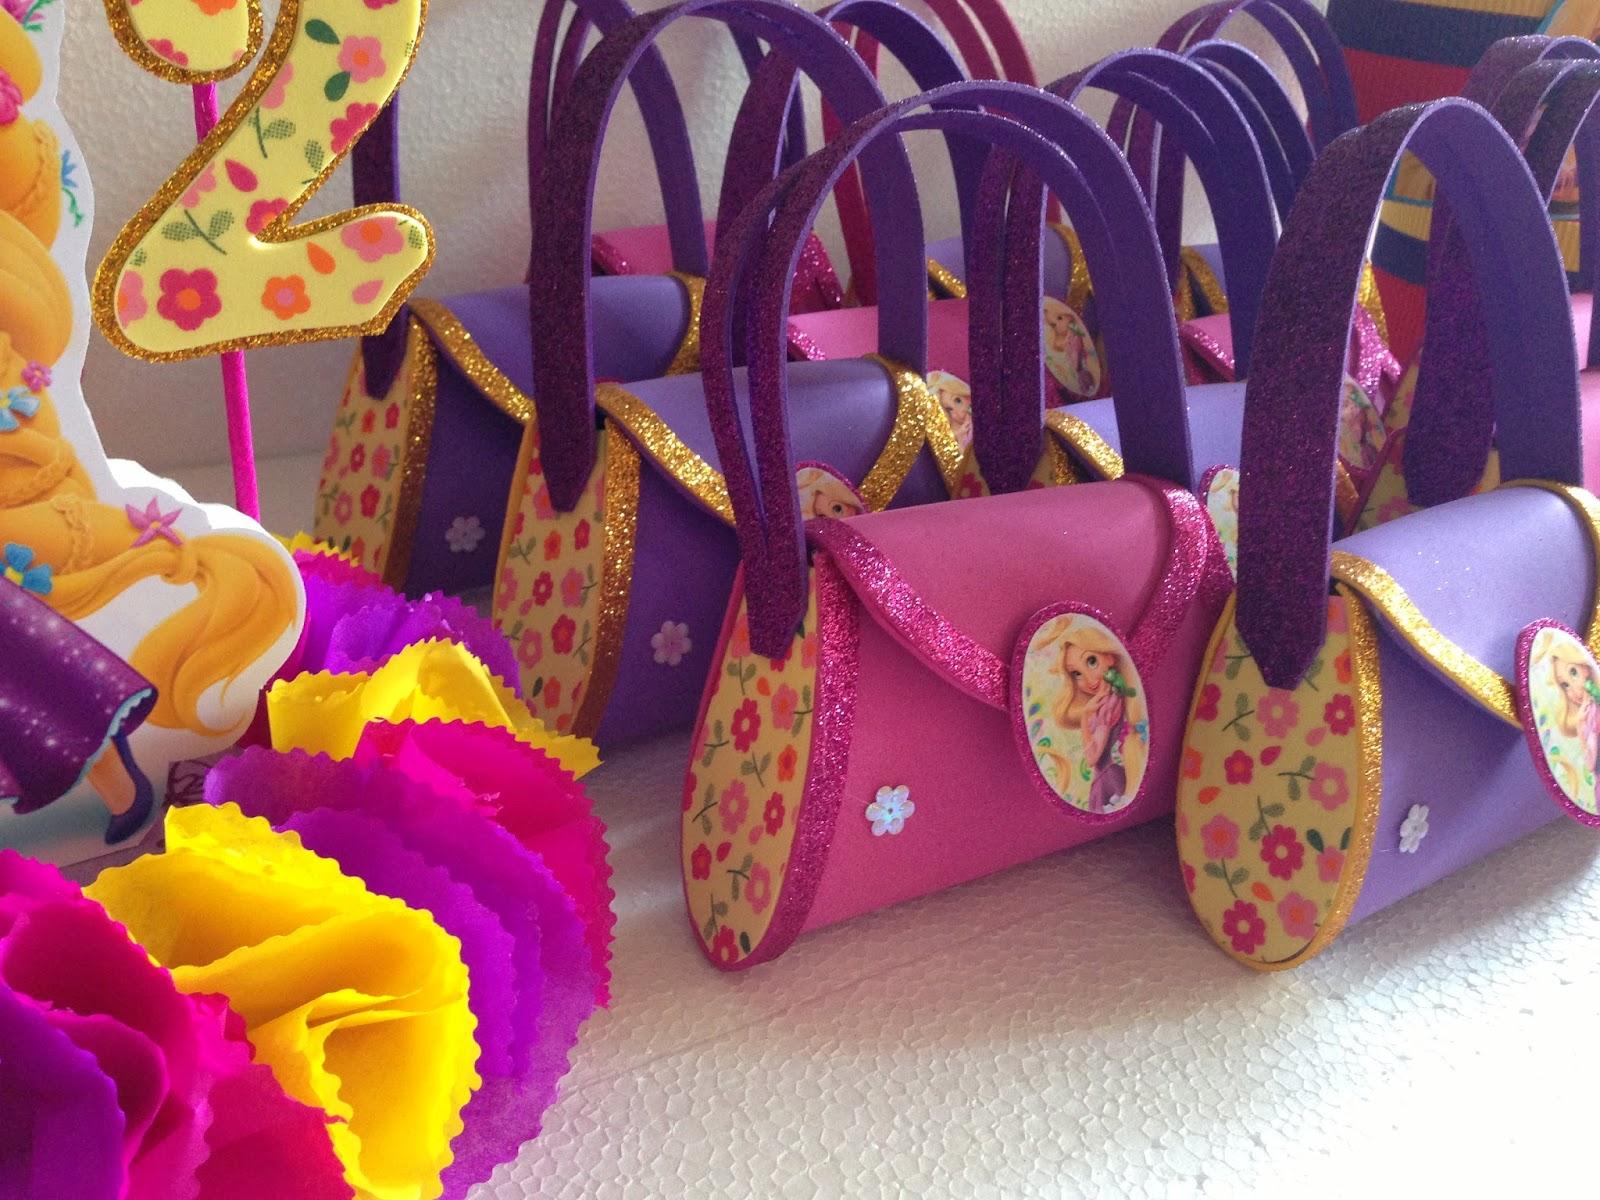 Decoracion Rapunzel Enredados ~ DECORACIONES INFANTILES rapunzel enredados